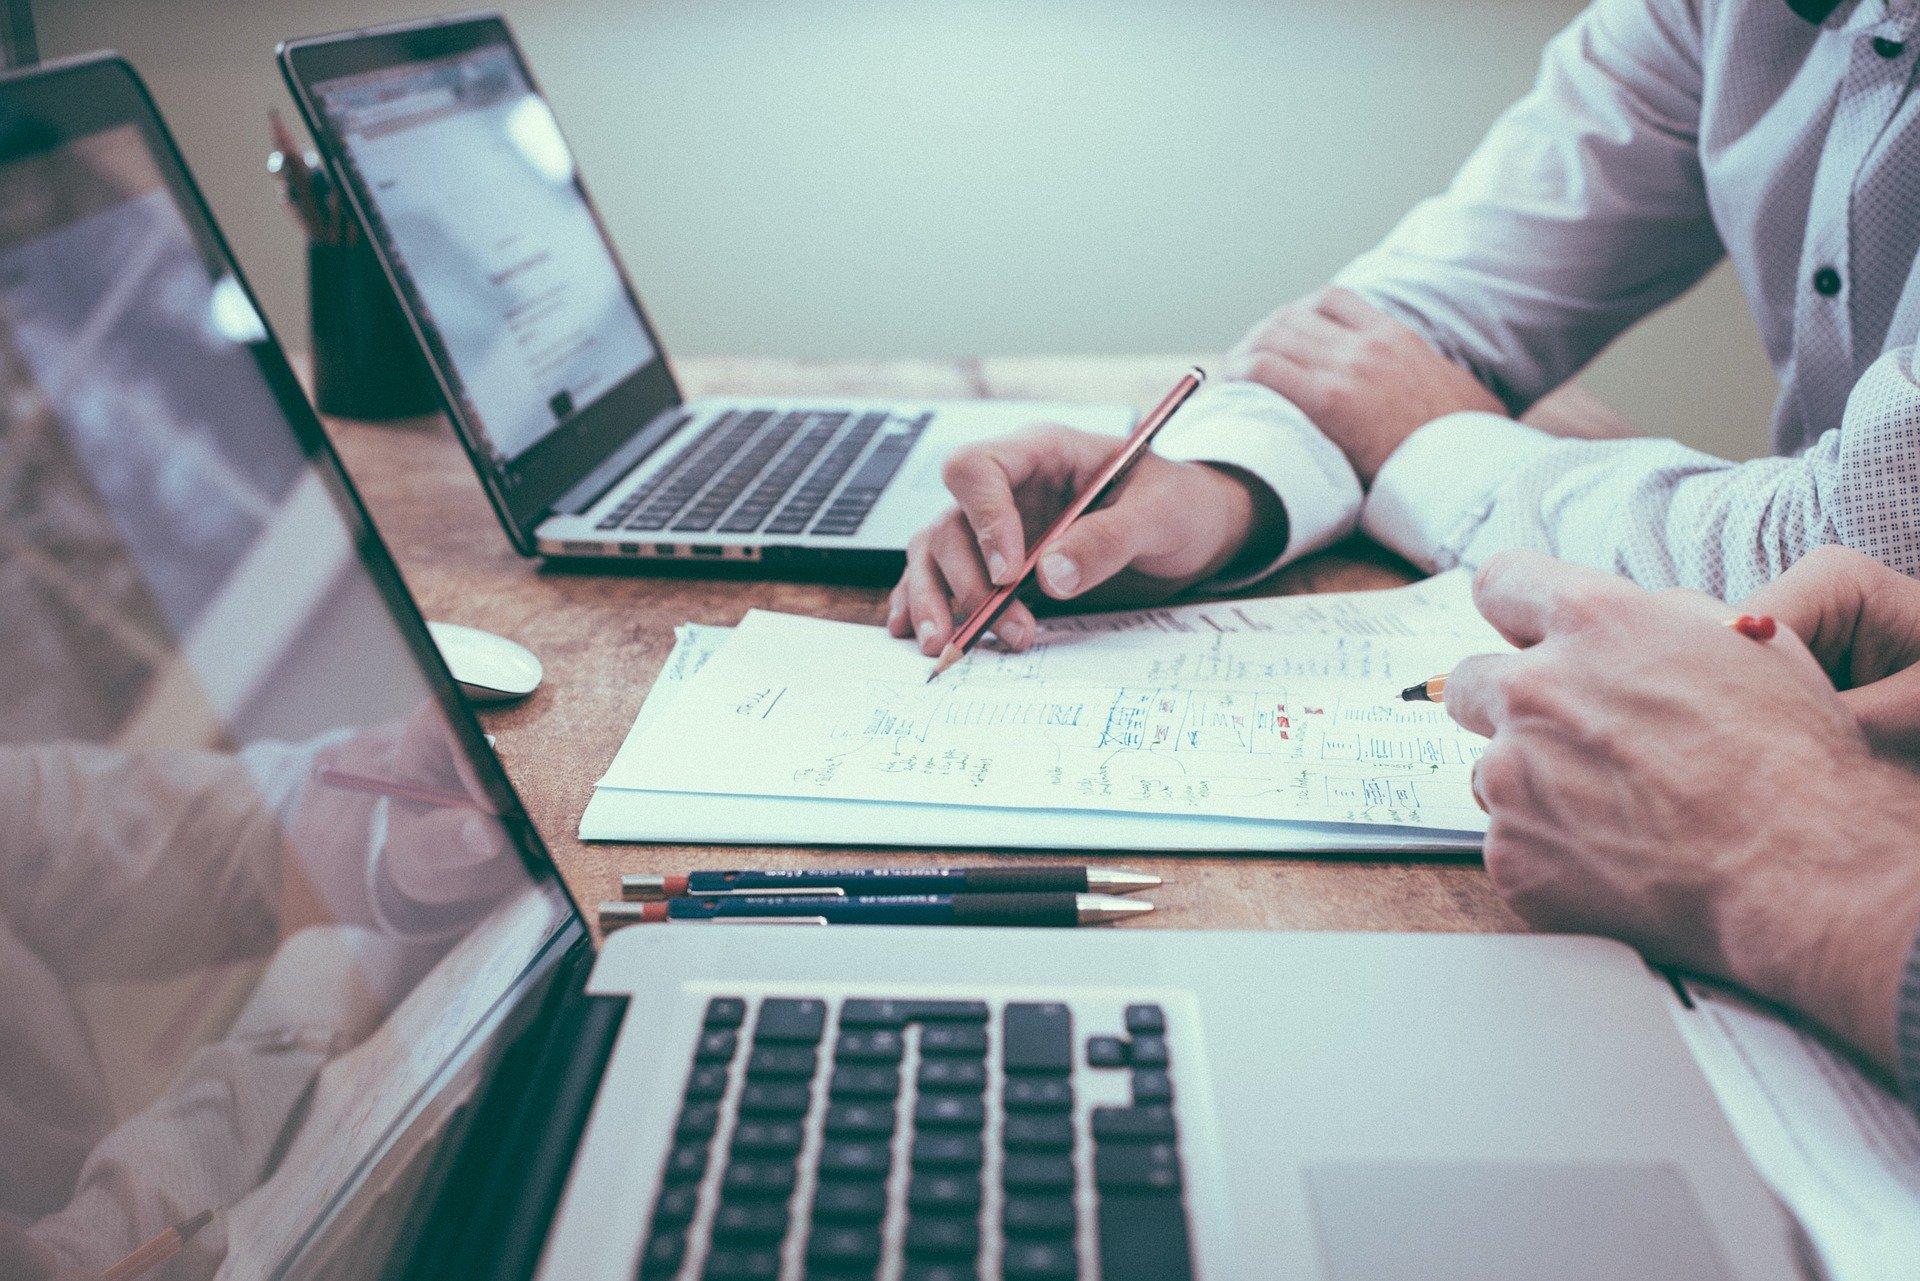 Le Médiateur des entreprises intervient aussi pour les conflits liés au CIR